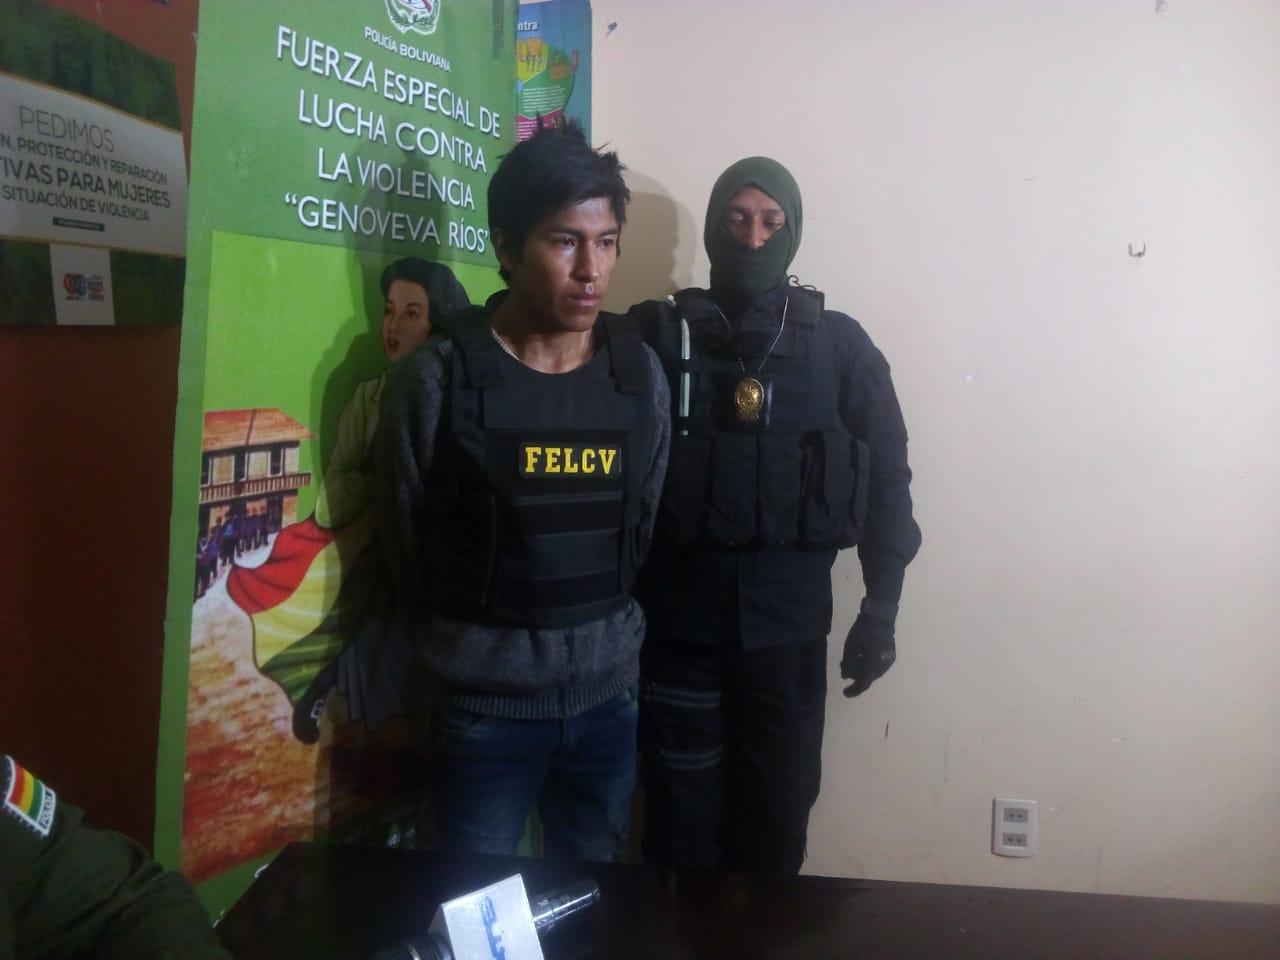 FELCV aprehende a un supuesto autor de feminicidio en la localidad de Achocalla